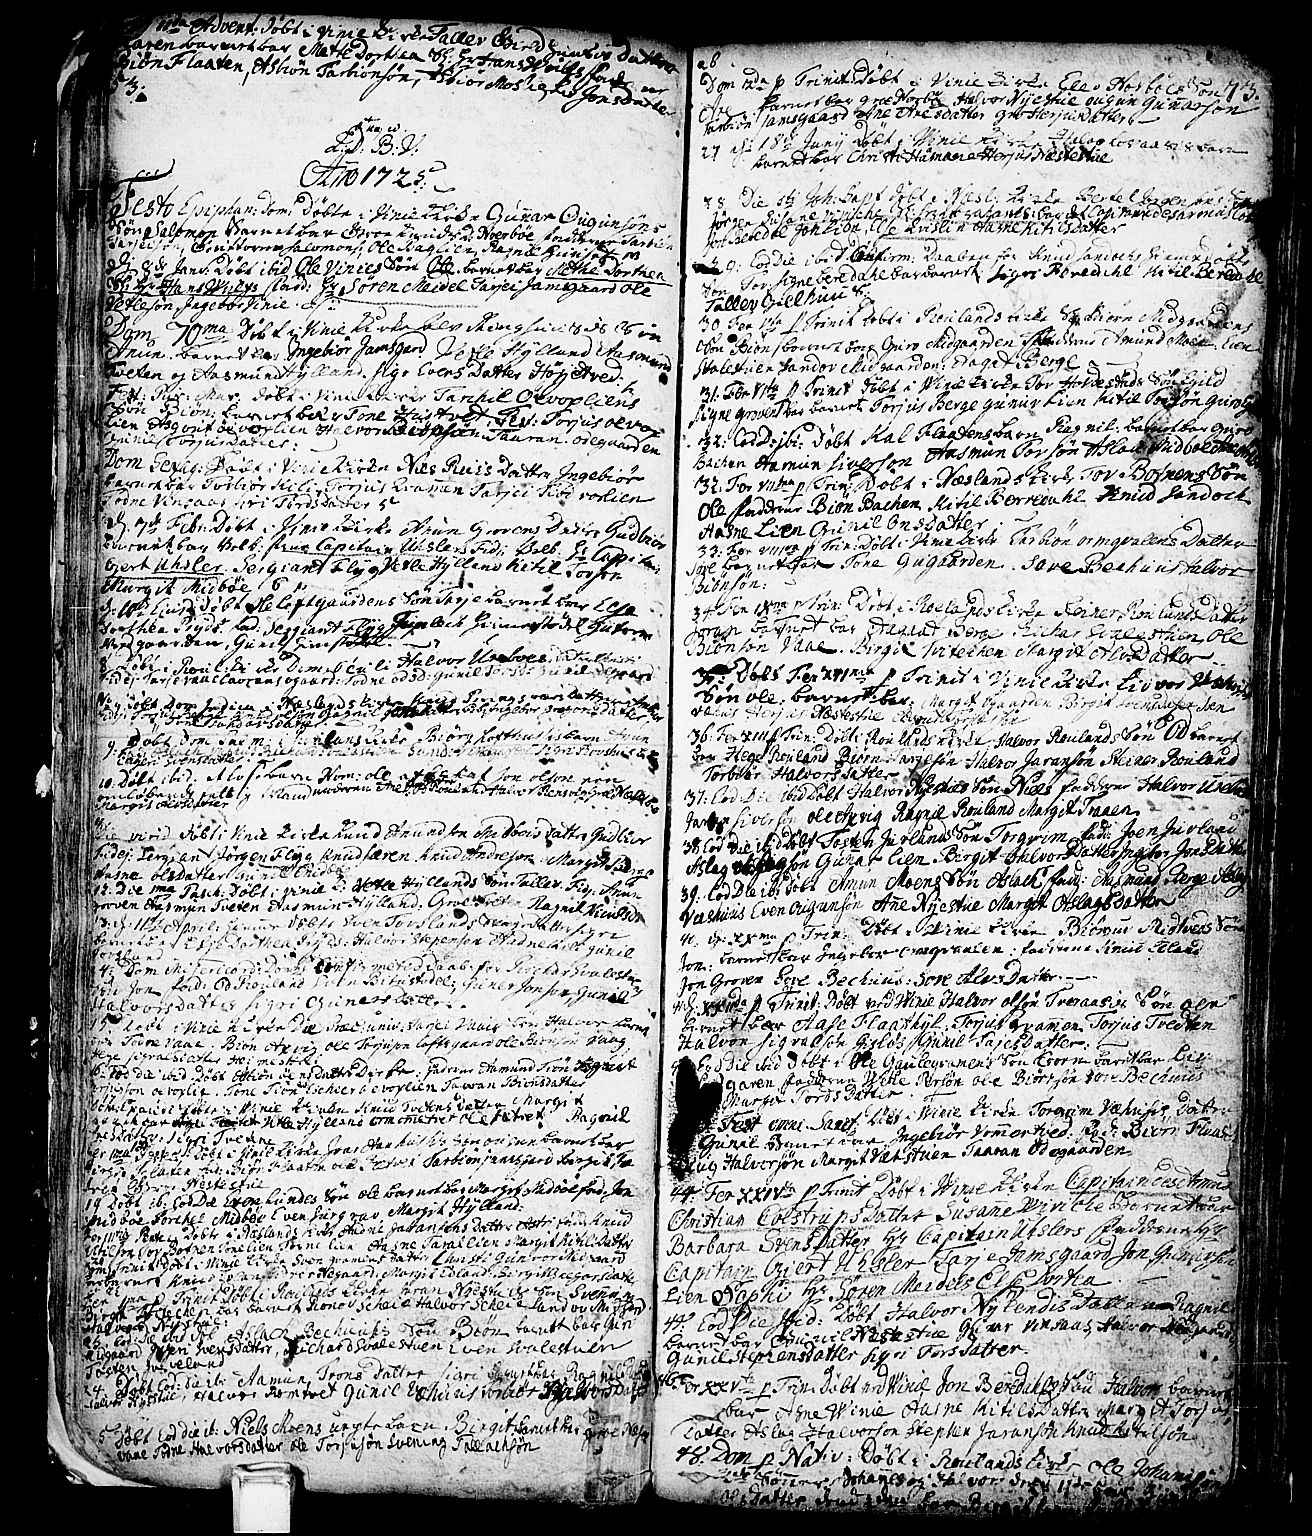 SAKO, Vinje kirkebøker, F/Fa/L0001: Ministerialbok nr. I 1, 1717-1766, s. 73